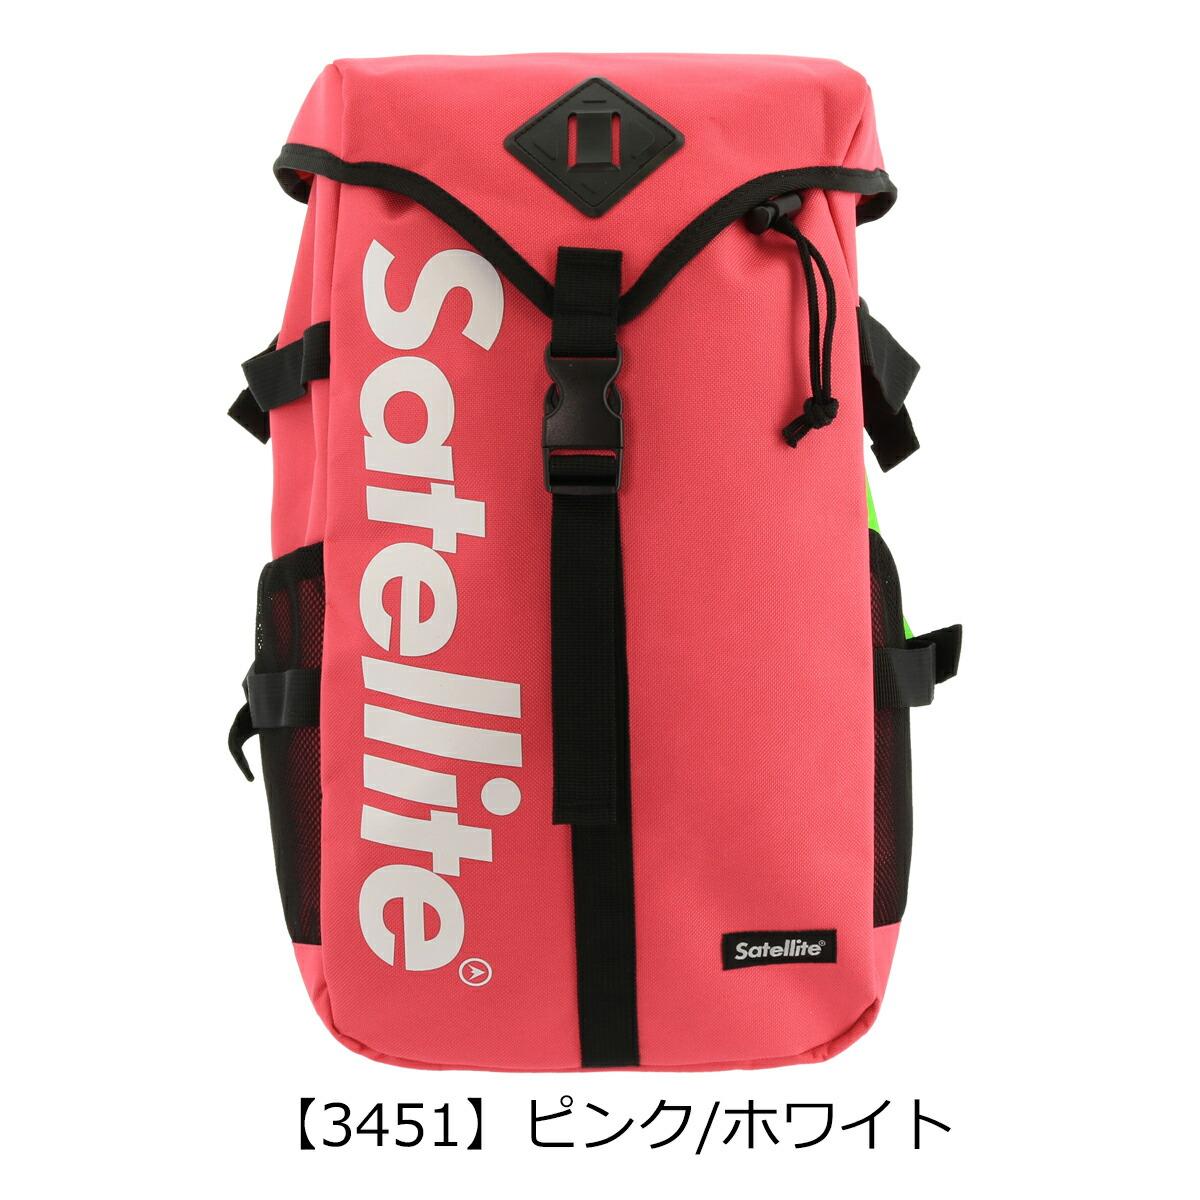 【3451ピンク/ホワイト